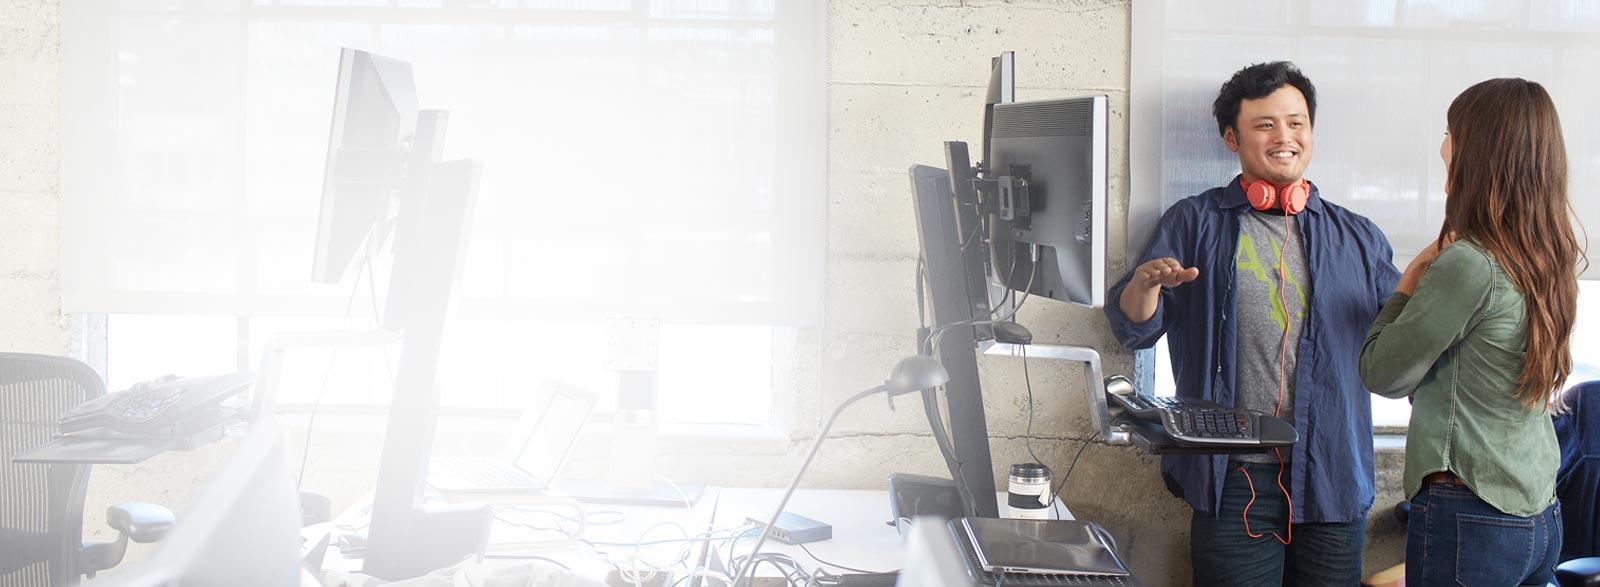 Muž a žena, kteří v kanceláři využívají Office 365 Business Premium.